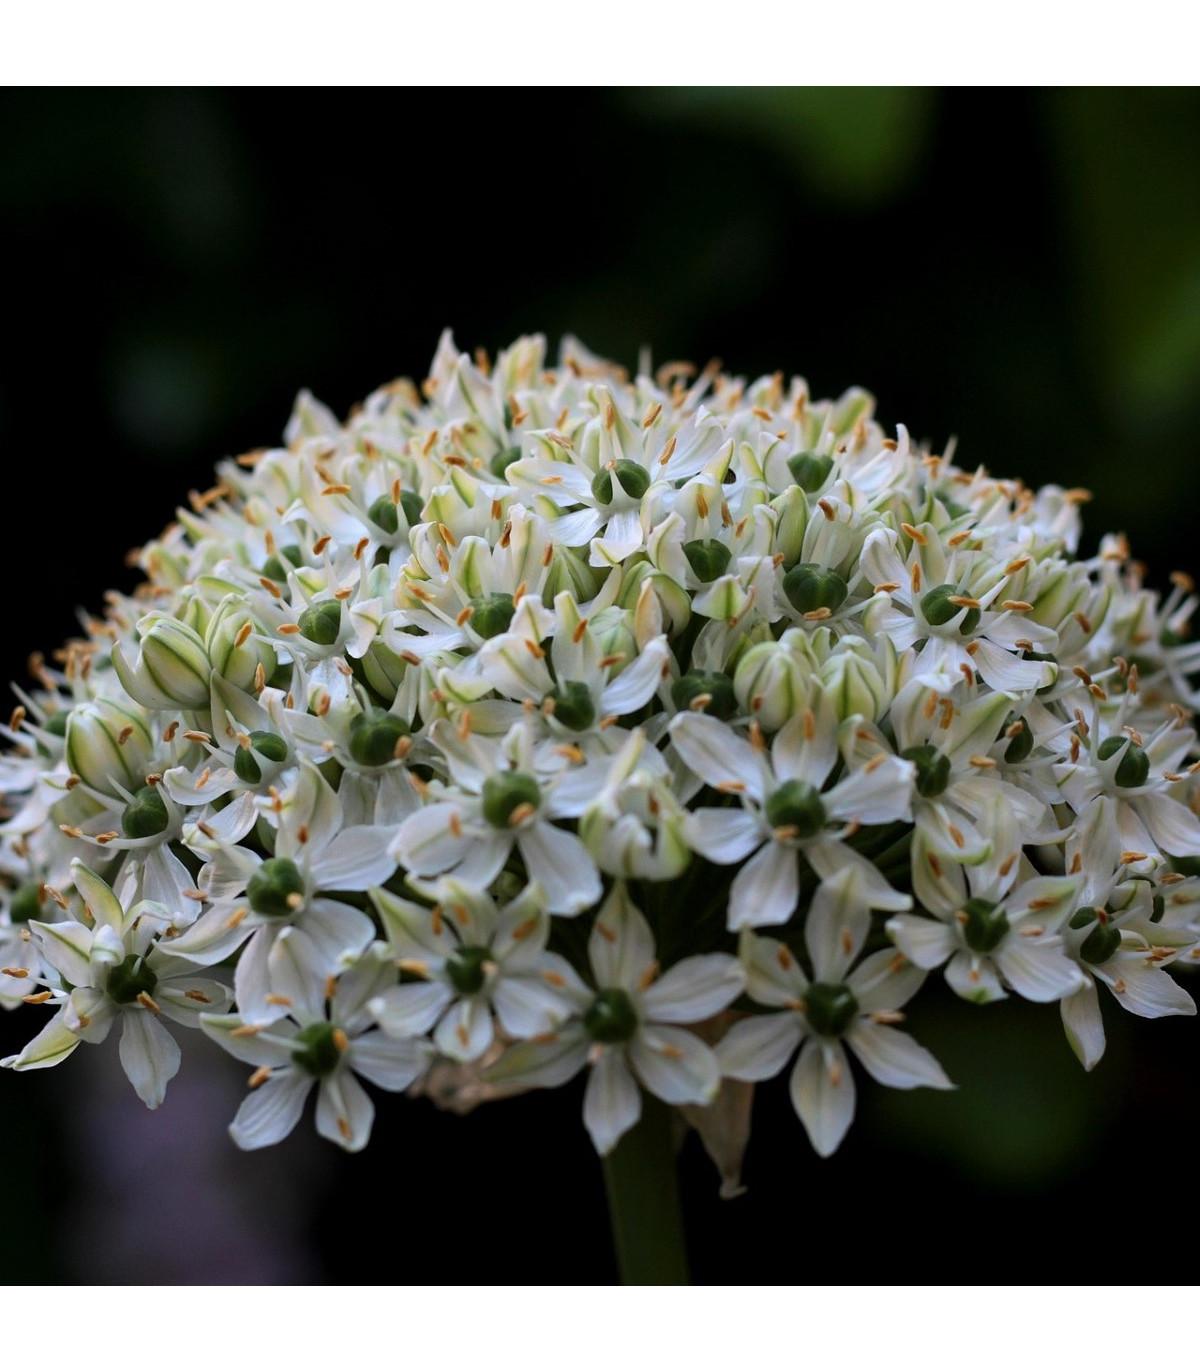 Česnek okrasný černý - Allium nigrum - cibule česneku - 2 ks